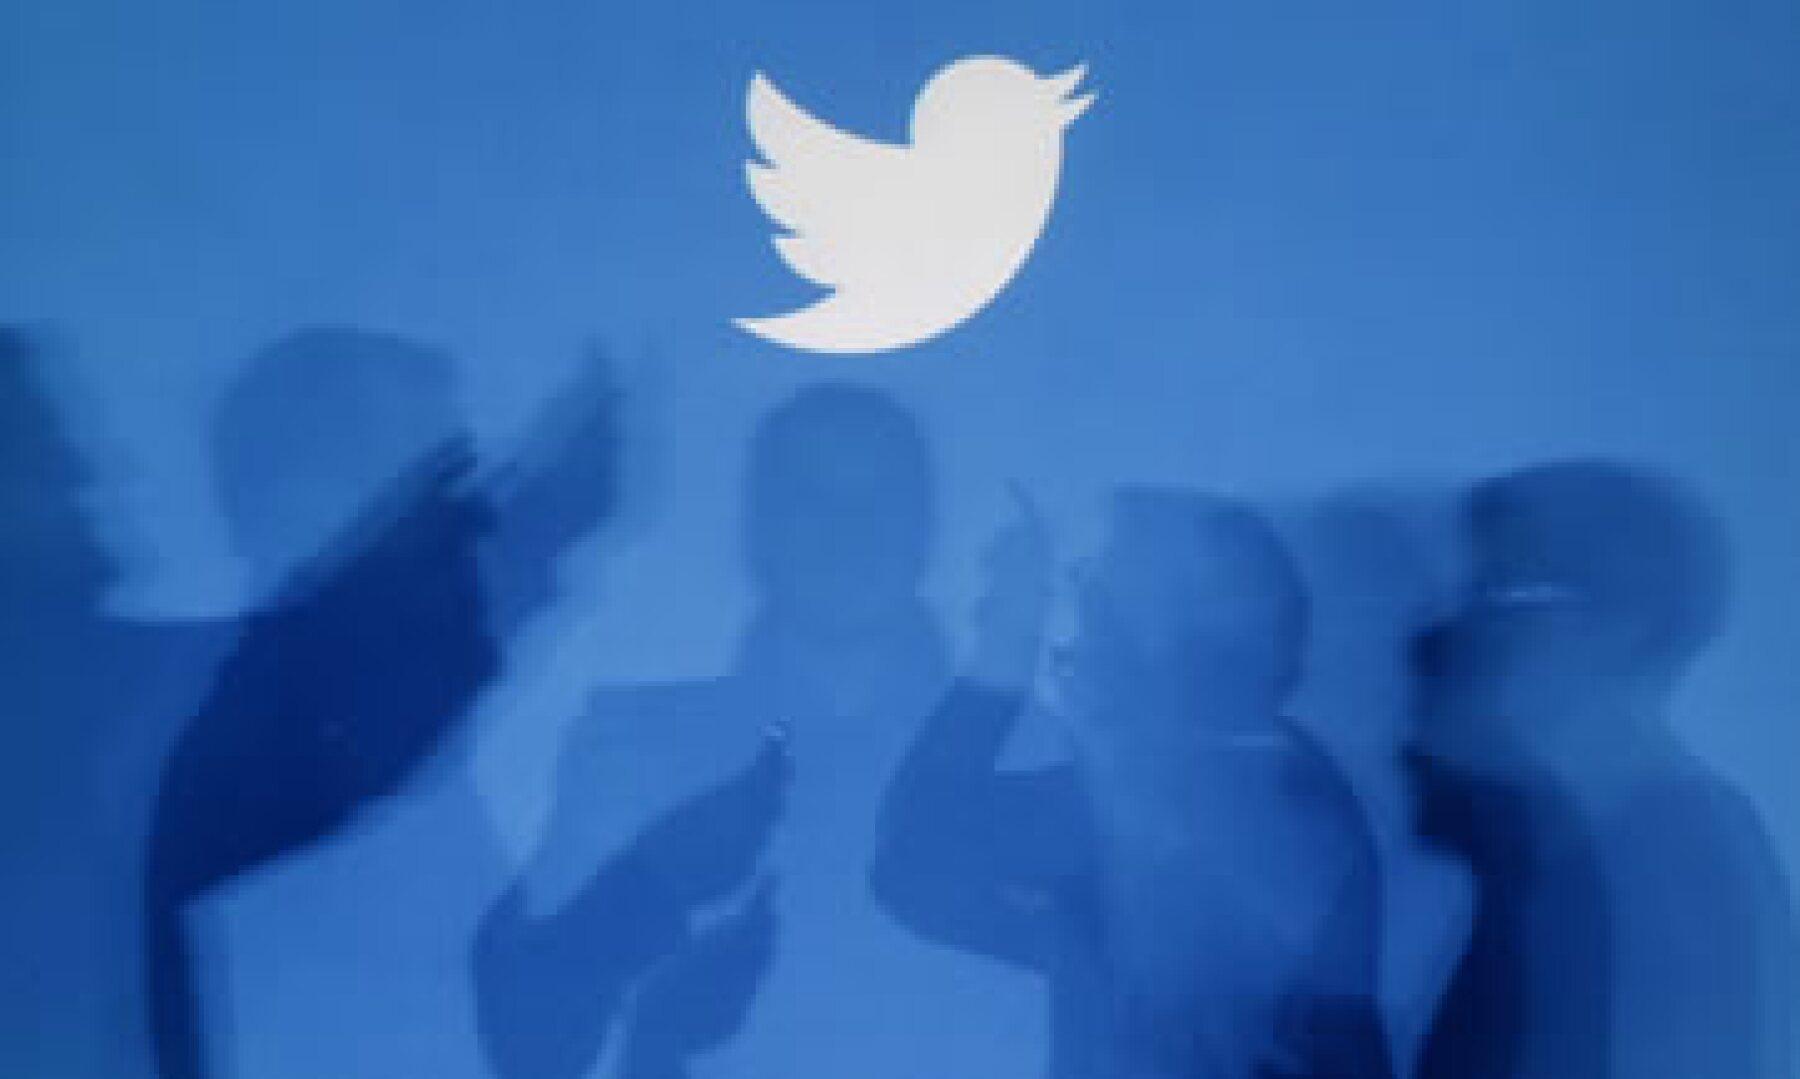 El año pasado, Twitter obtuvo apenas 45 millones de dólares en ingresos por publicidad. (Foto: Reuters)